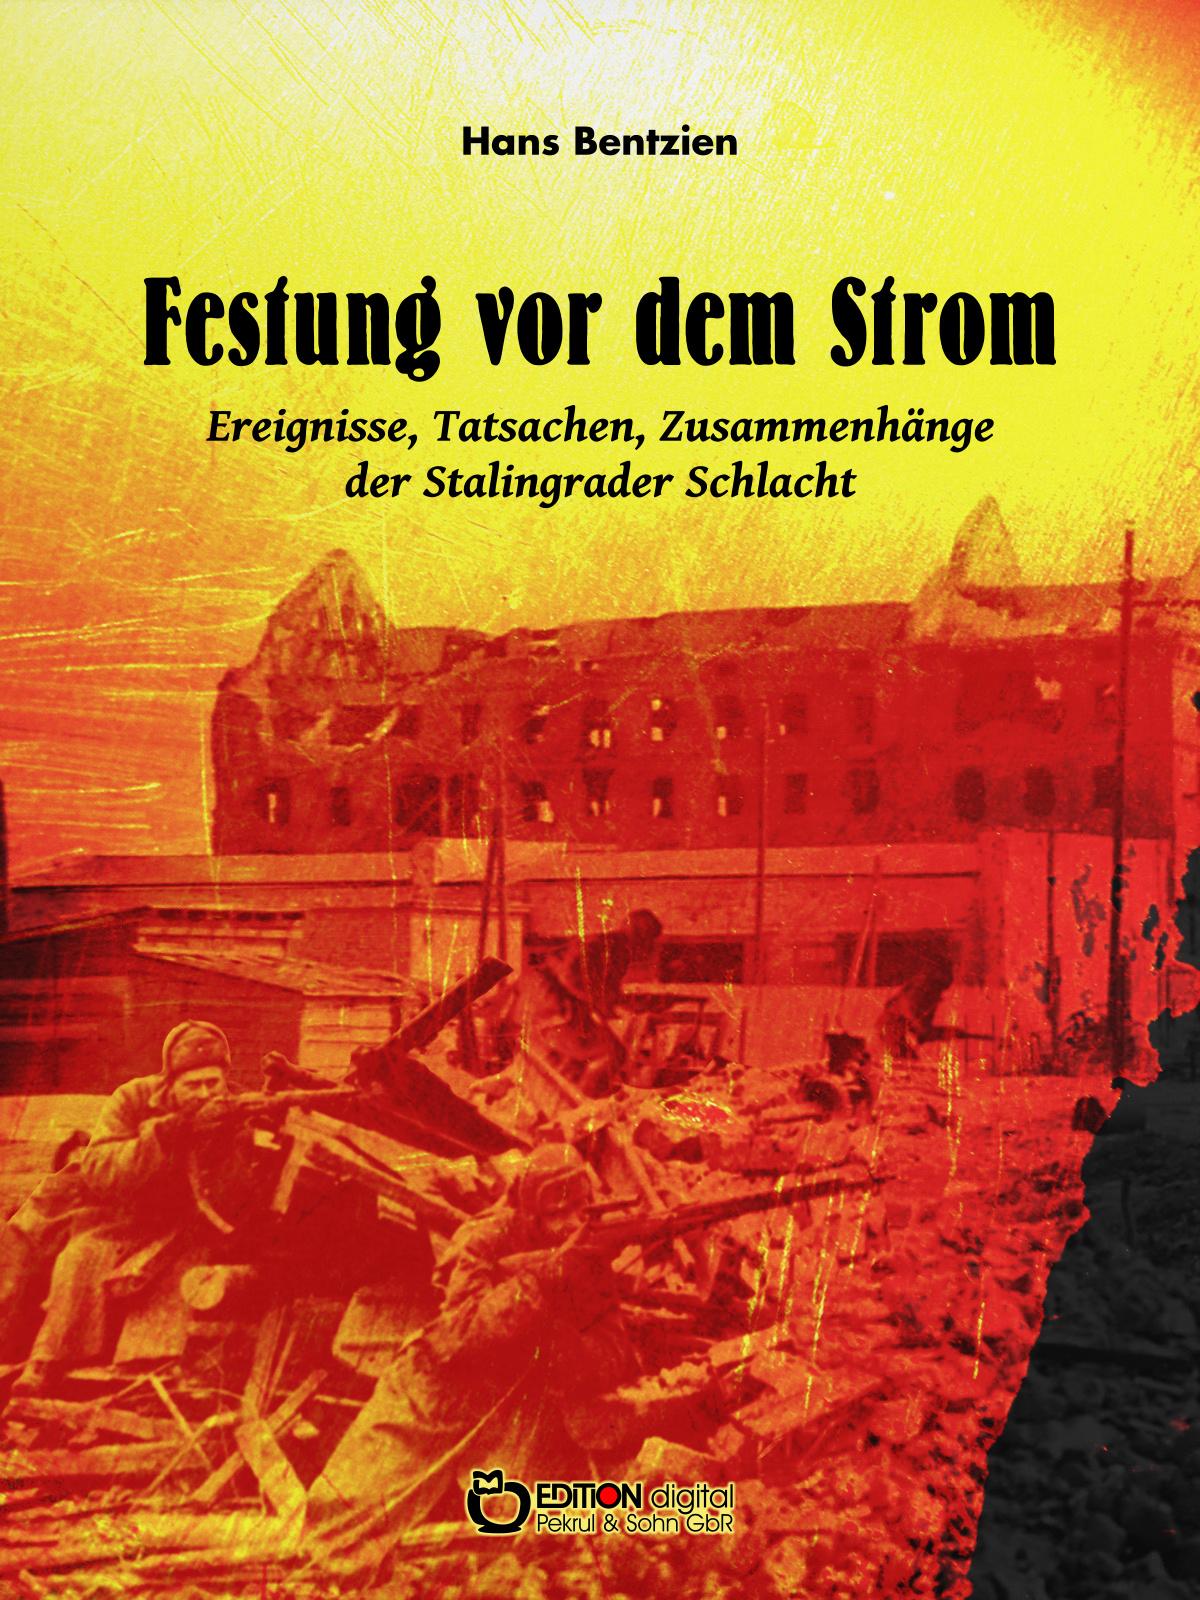 Festung vor dem Strom. Ereignisse, Tatsachen, Zusammenhänge der Stalingrader Schlacht von Hans Bentzien